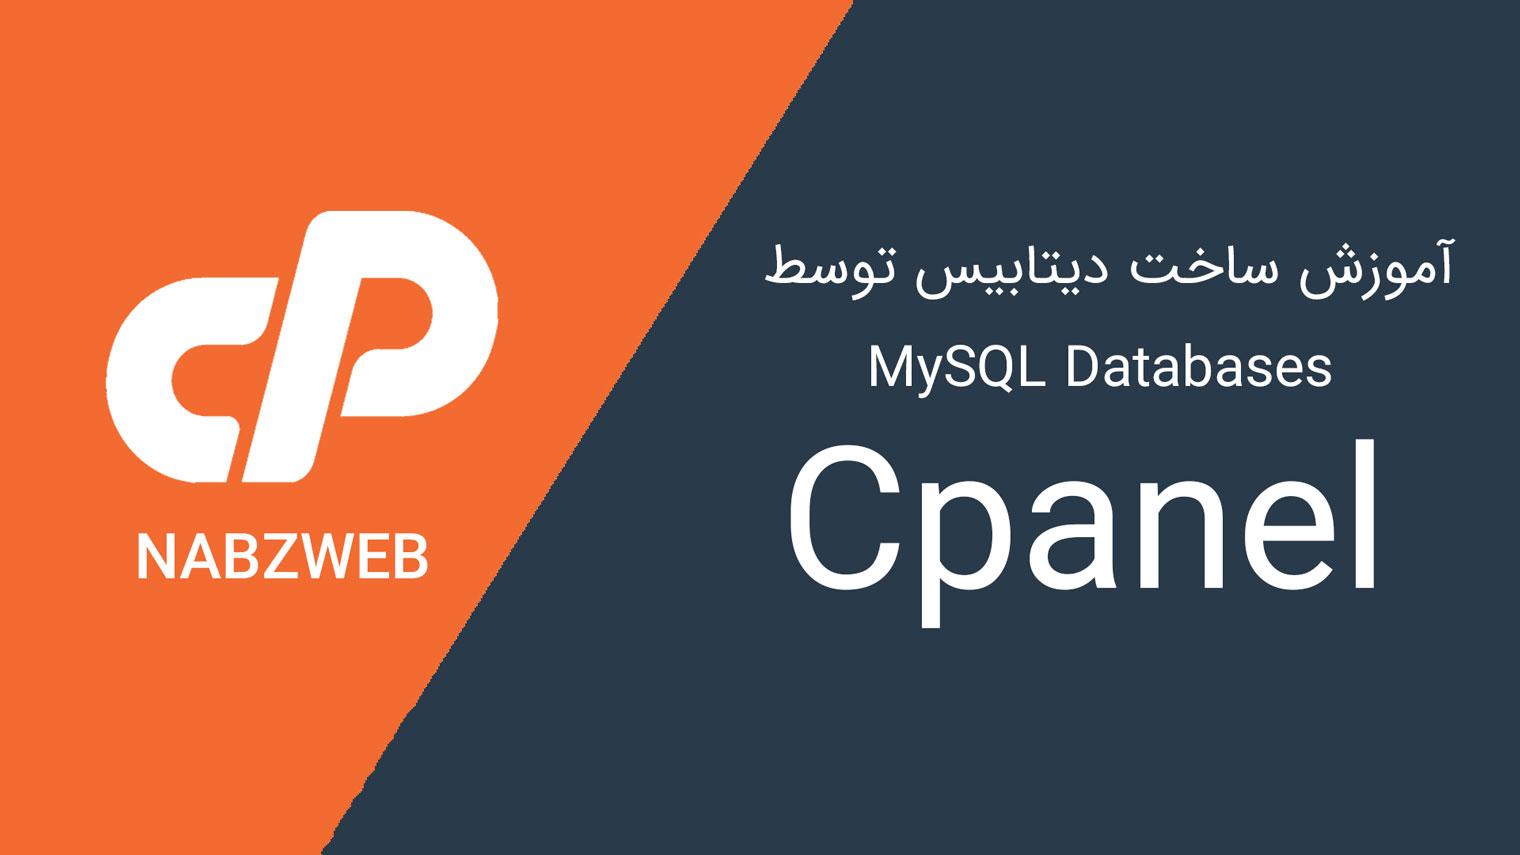 اموزش ساخت دیتابیس در سی پنل Cpanel توسط MySQL Databases